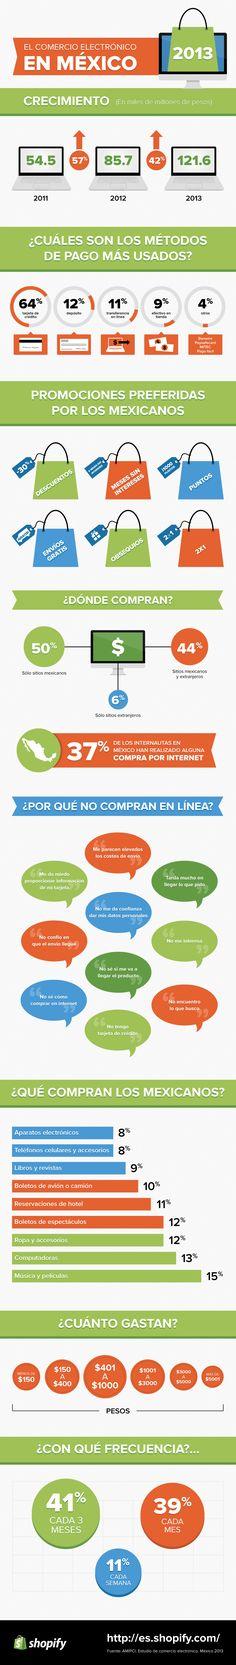 Comercio electrónico en México (2013) #infografia #infographic #ecommerce